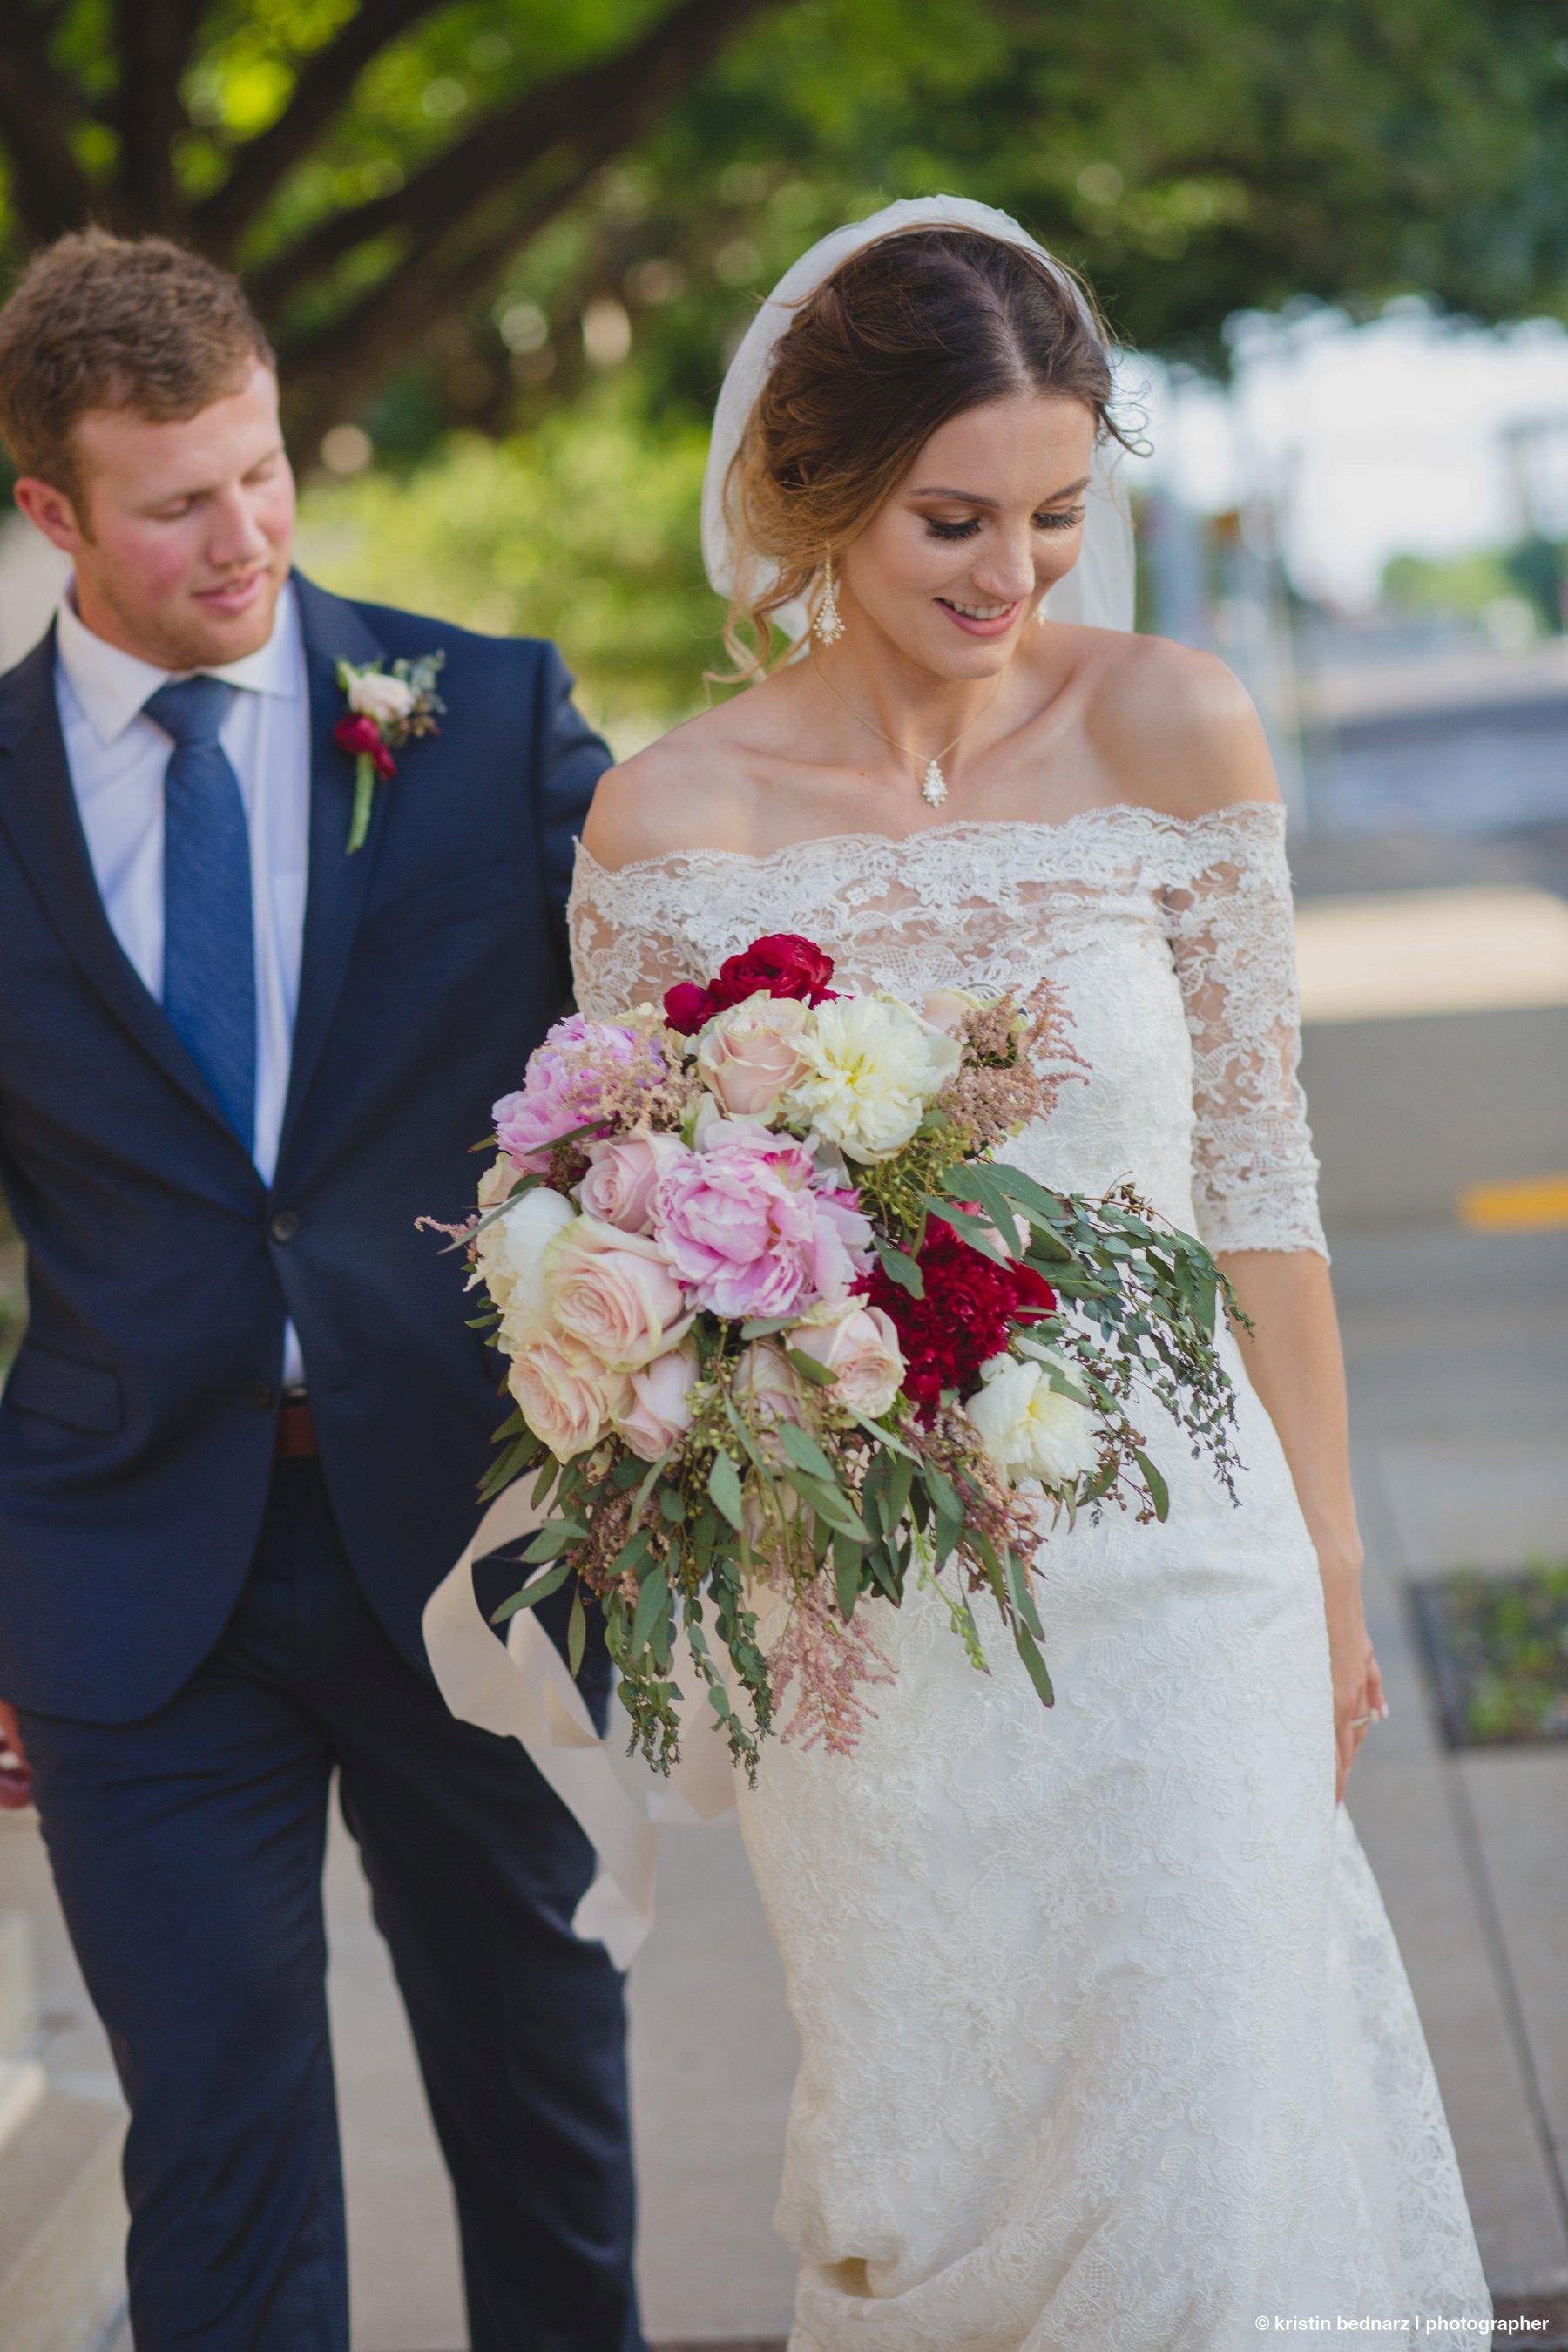 Krisitin_Bednarz_Lubbock_Wedding_Photographer_20180602_0071.JPG